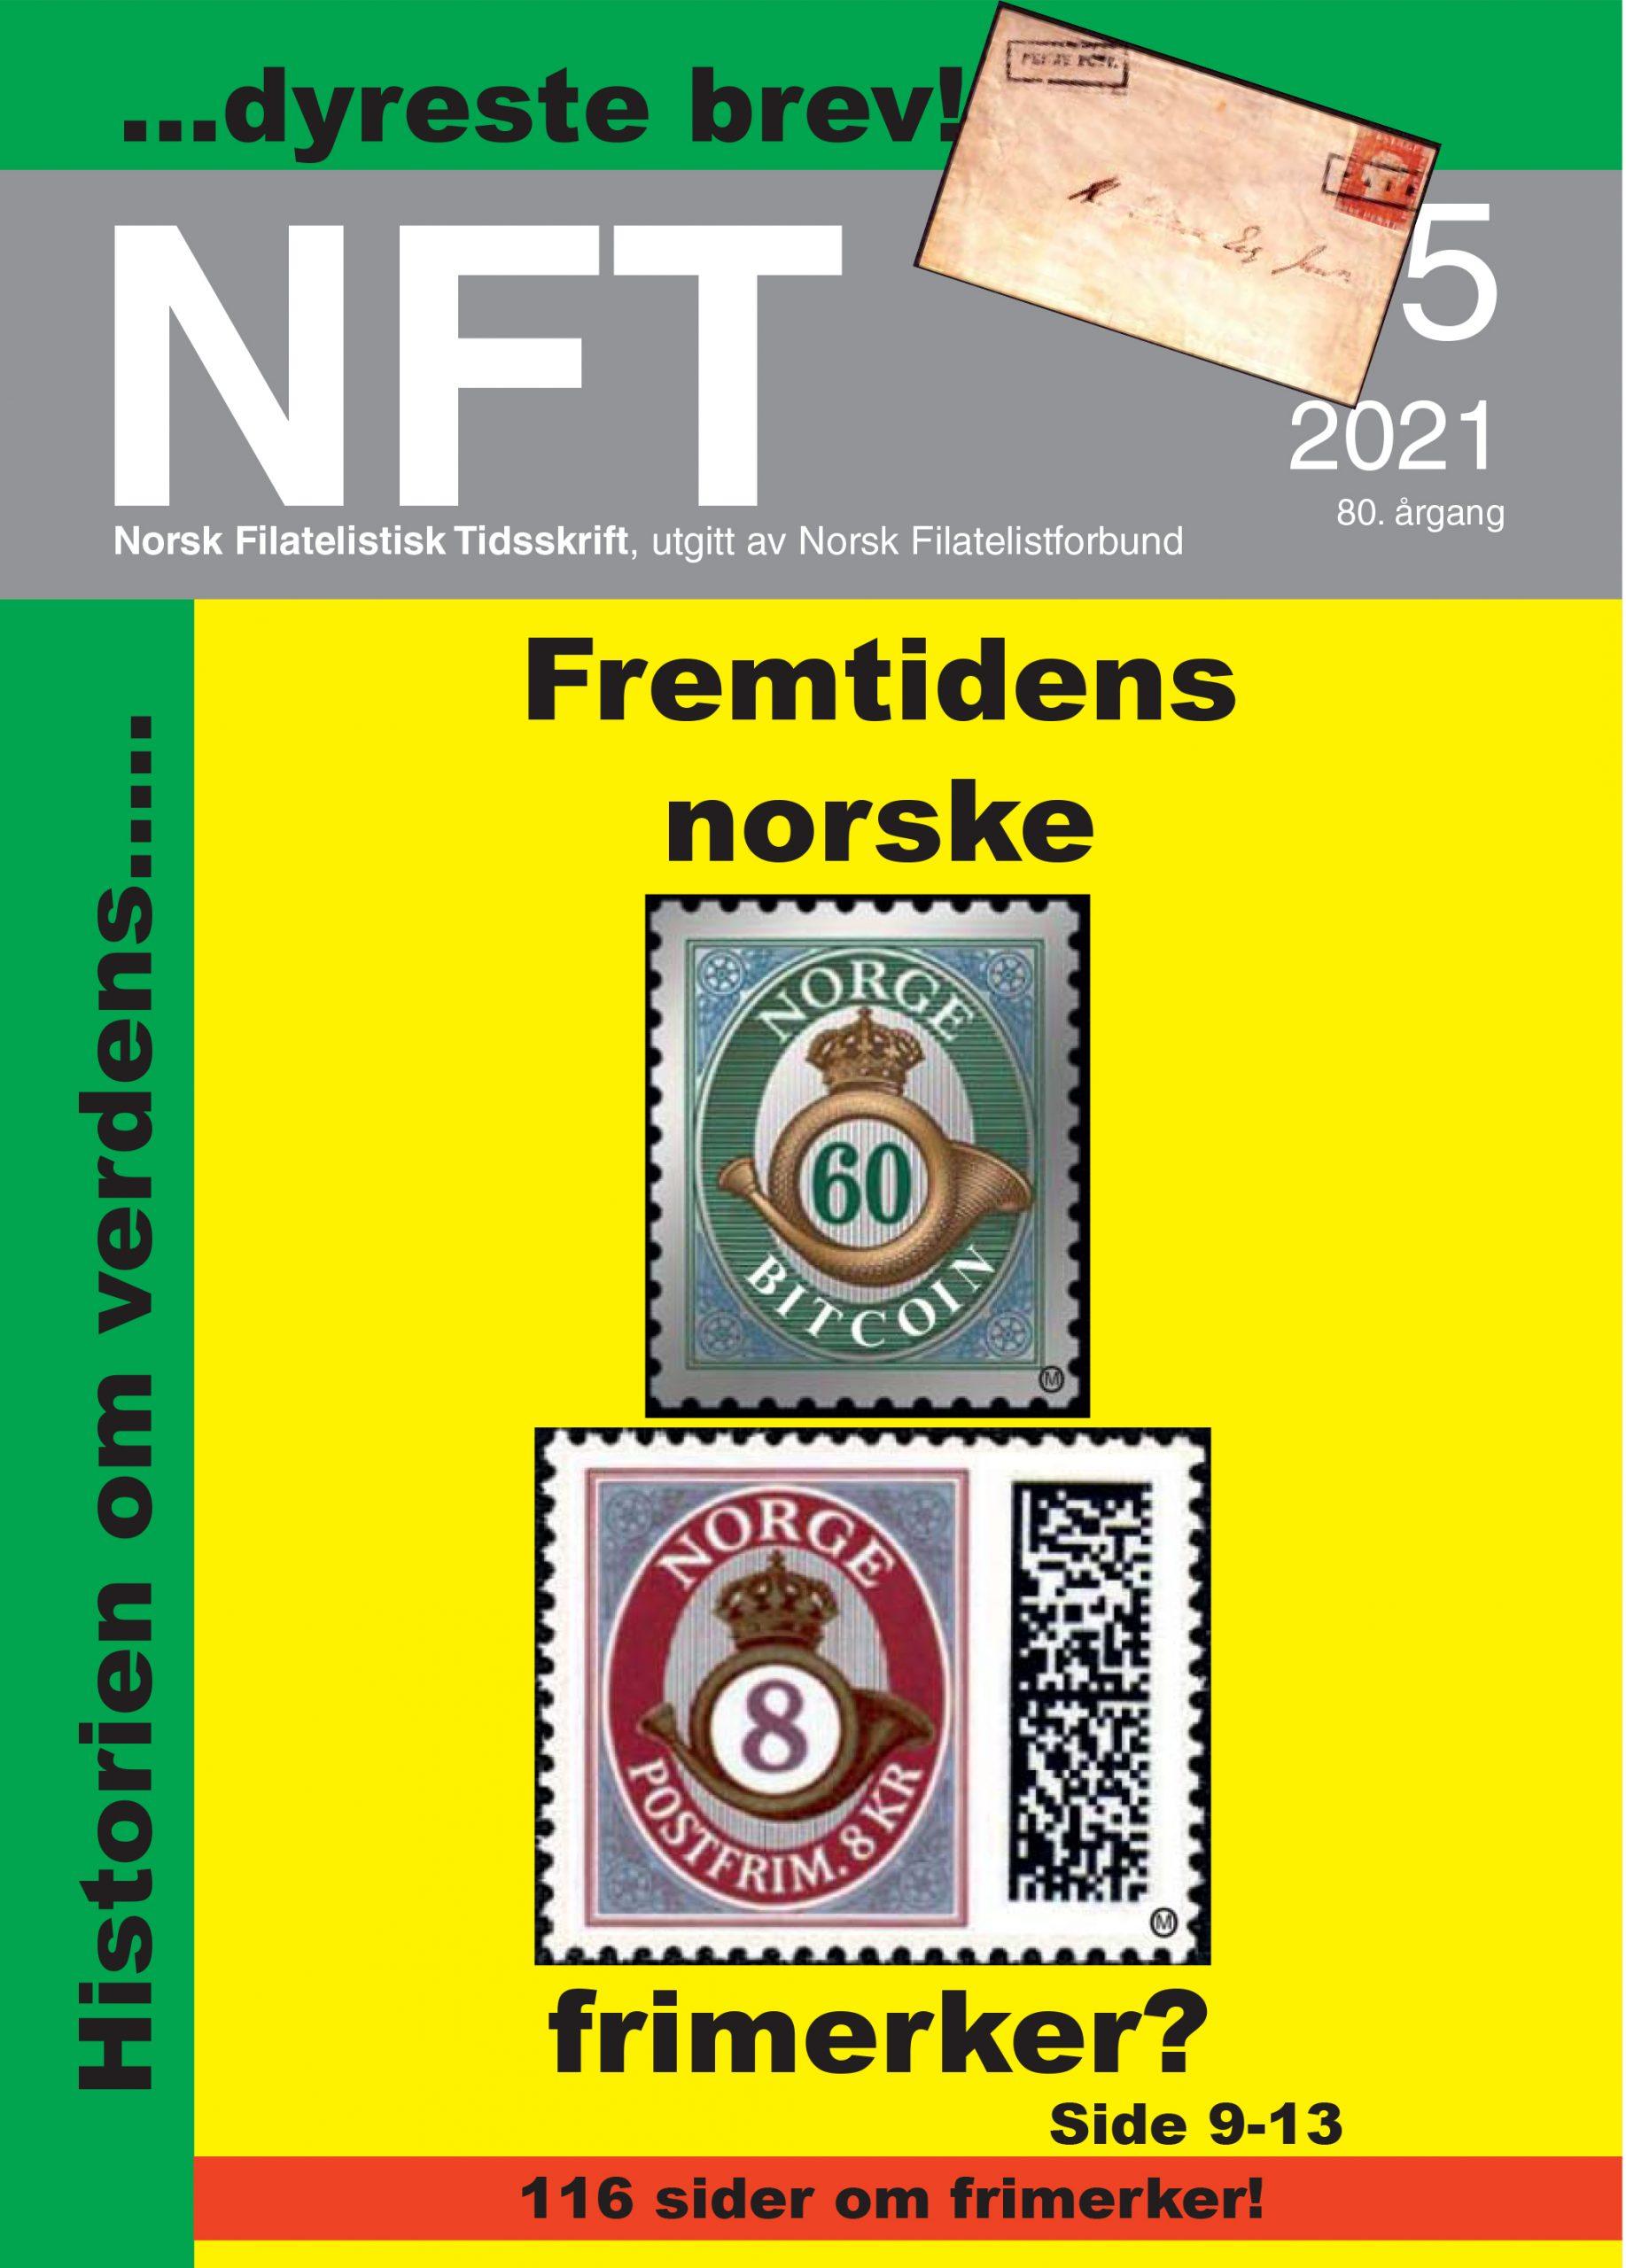 NFT nr 5 på gang